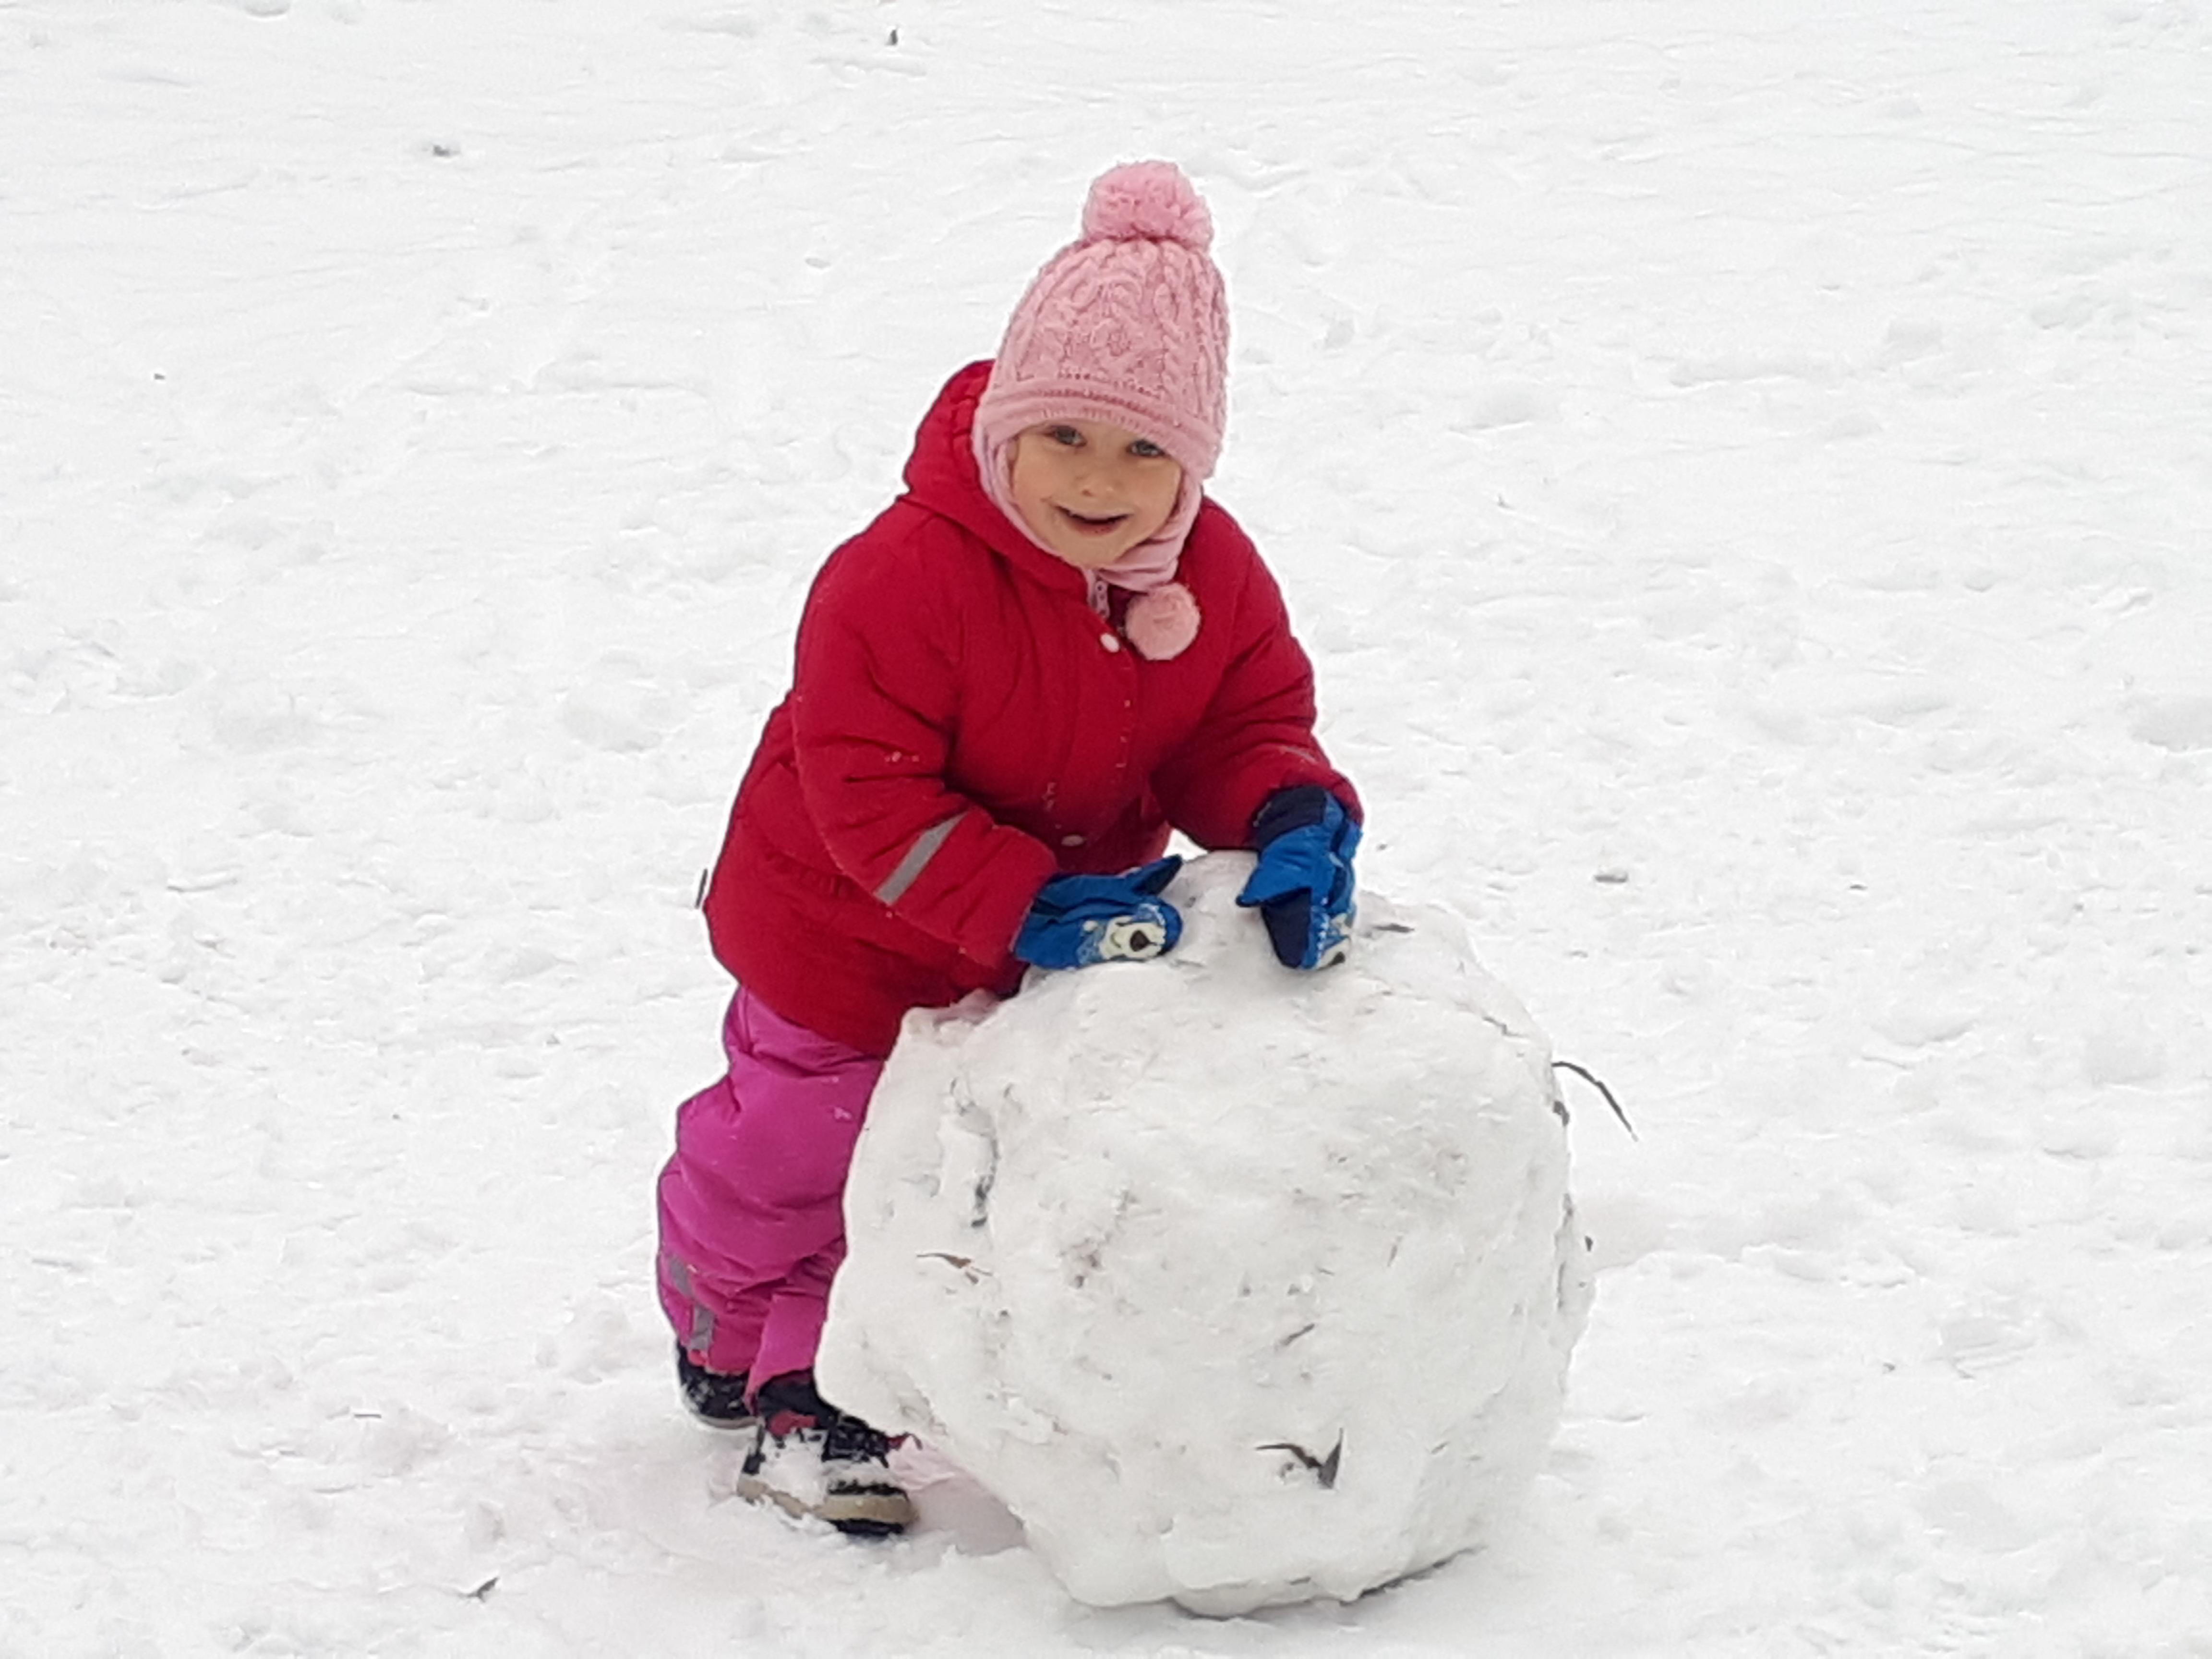 Zimowe zabawy na śniegu dzieci z grupy II